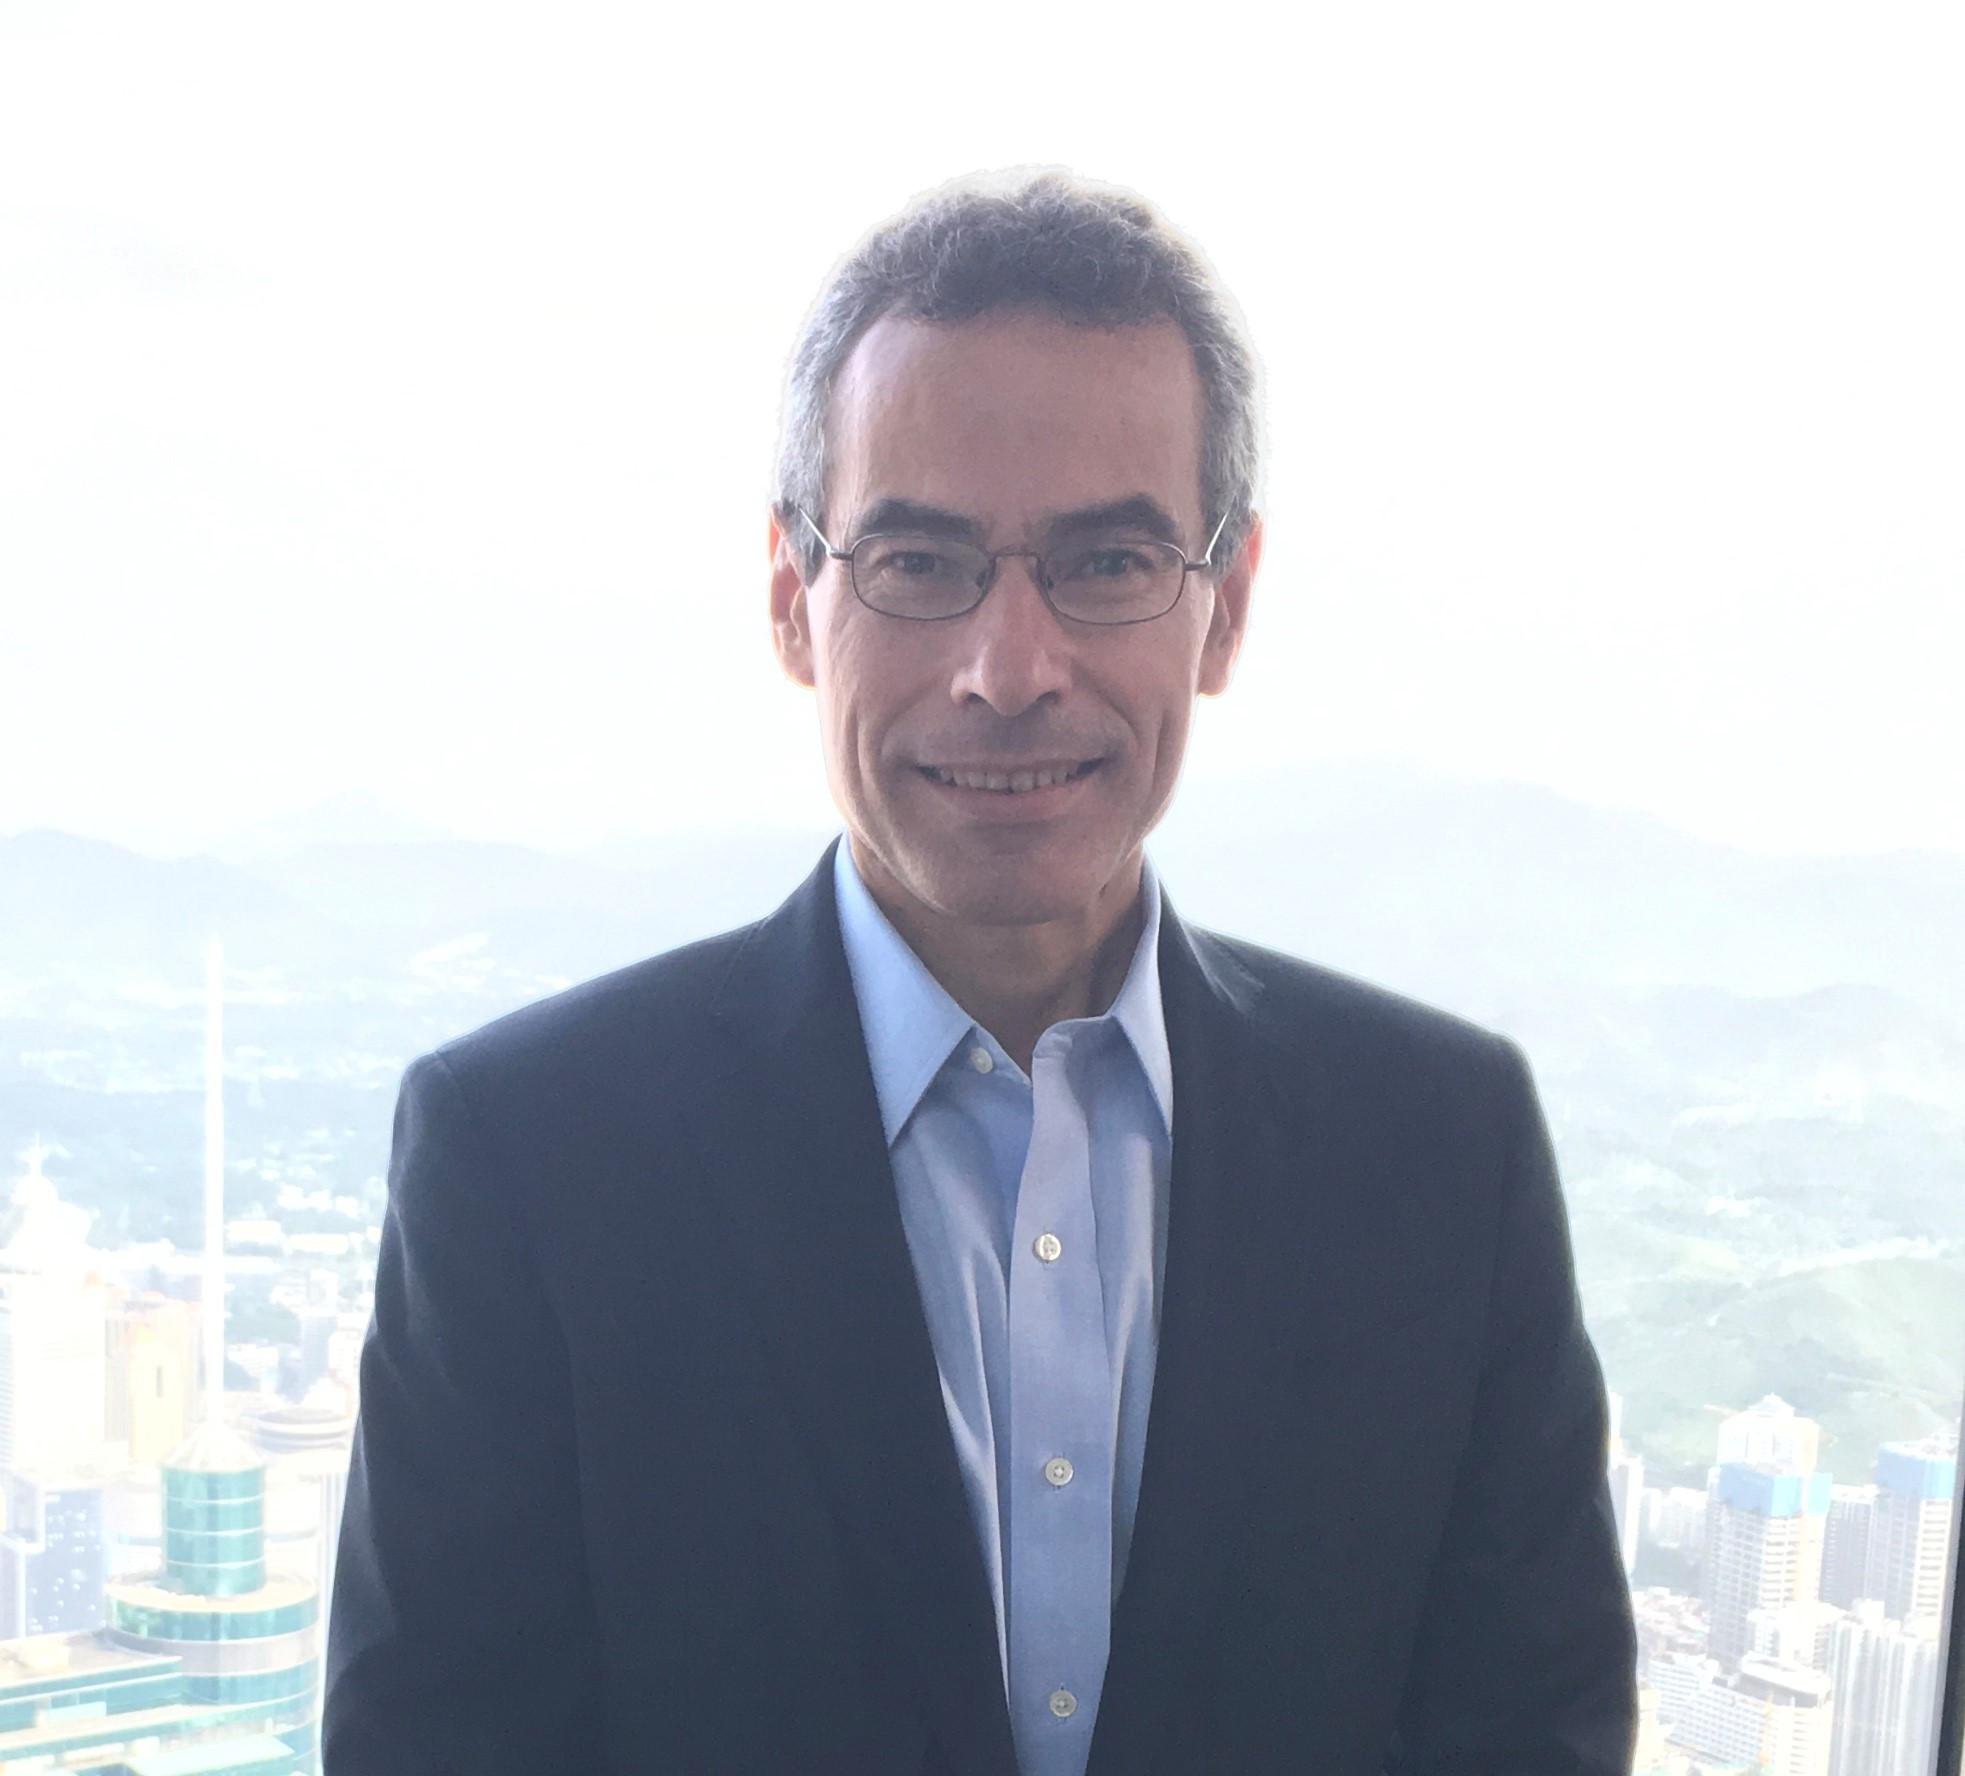 aenza-juan-vicente-revilla-vergara-es-el-nuevo-presidente-de-directorio